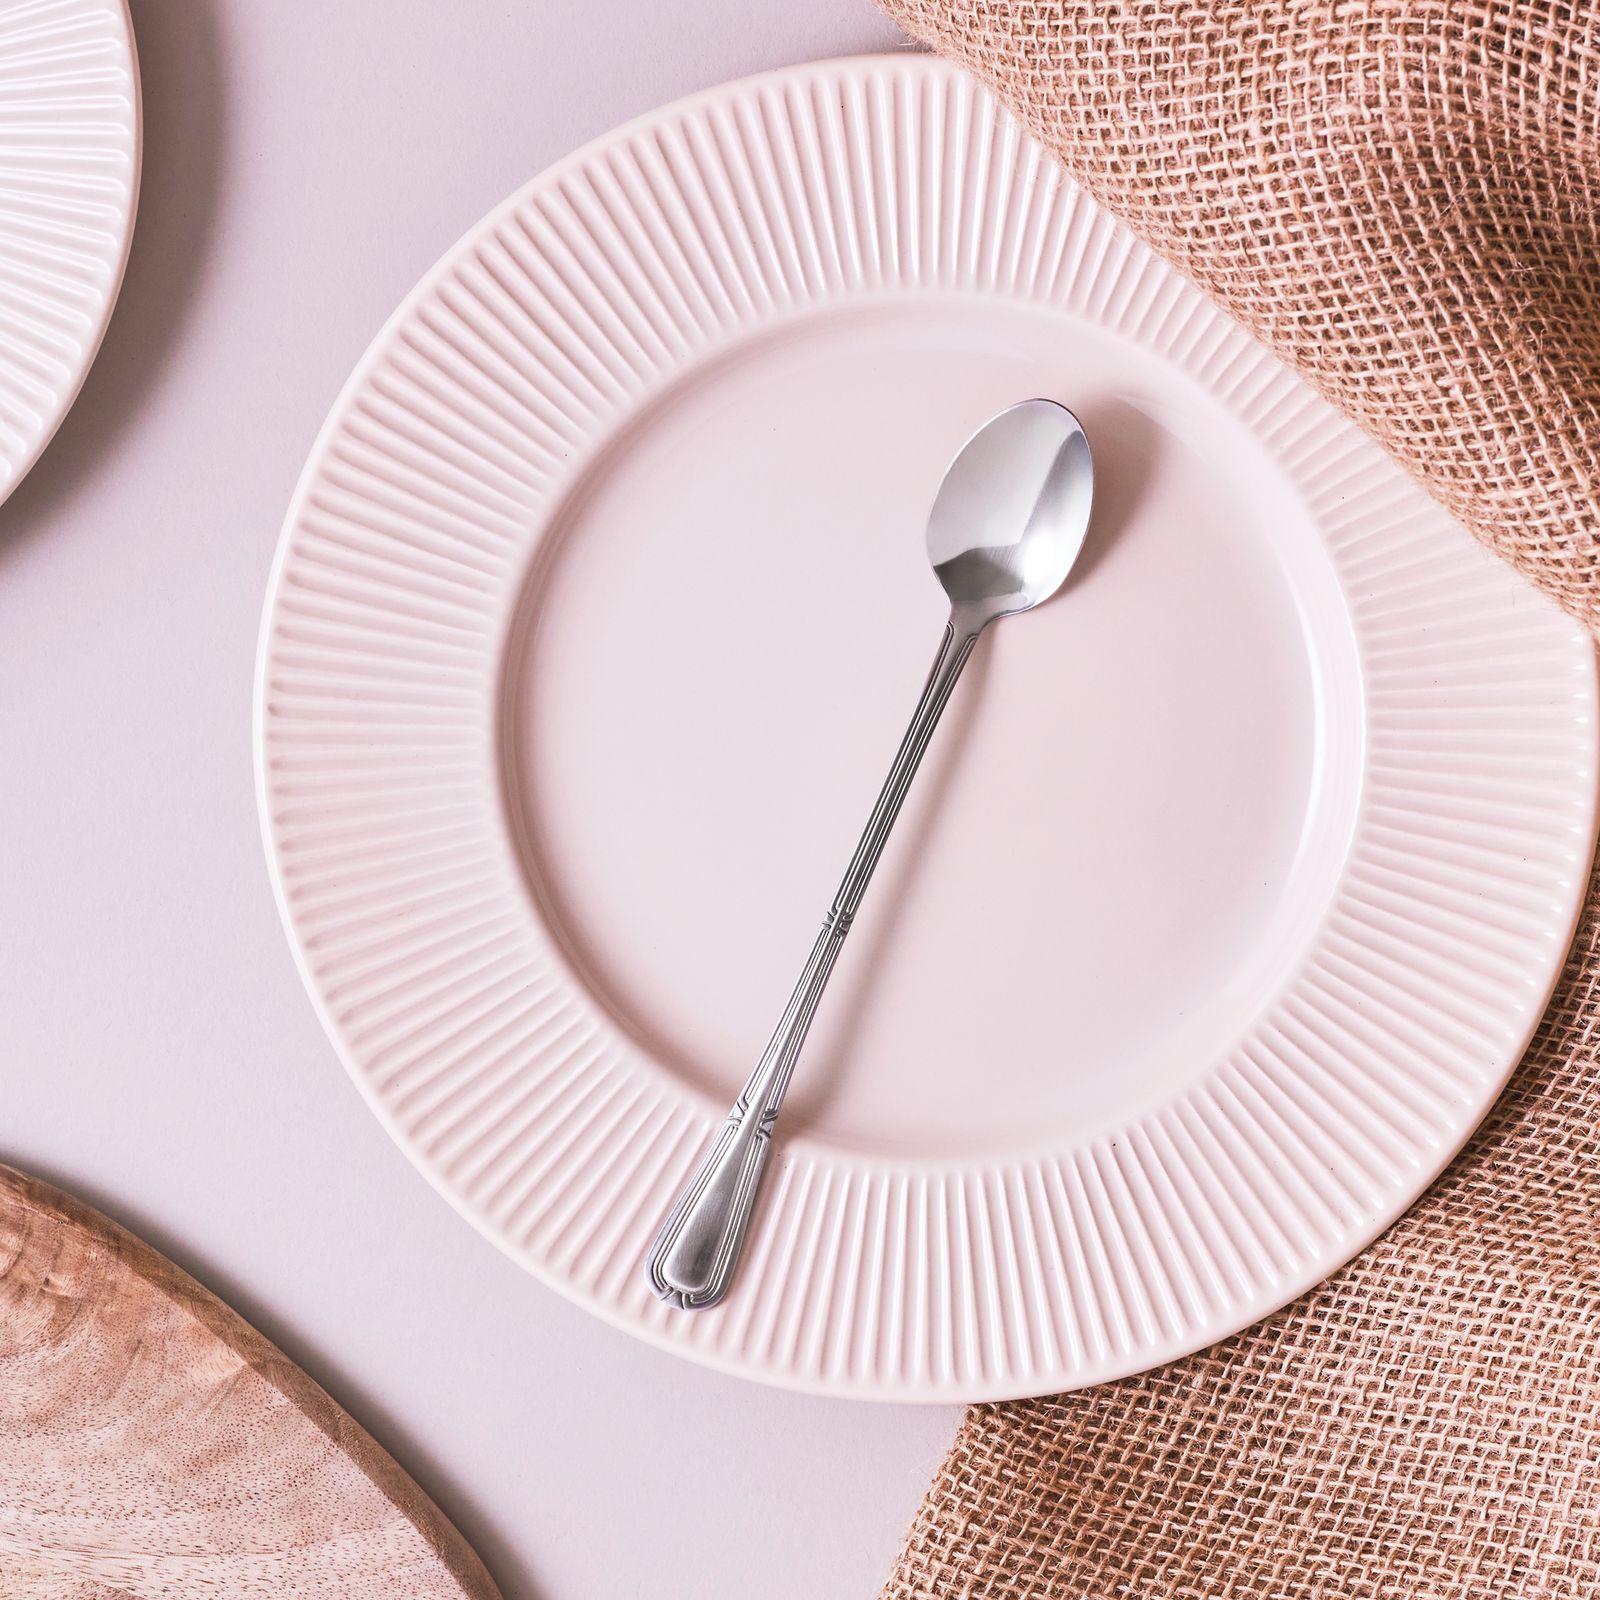 Dessert spoon Natalia 19,6 cm DOMOTTI